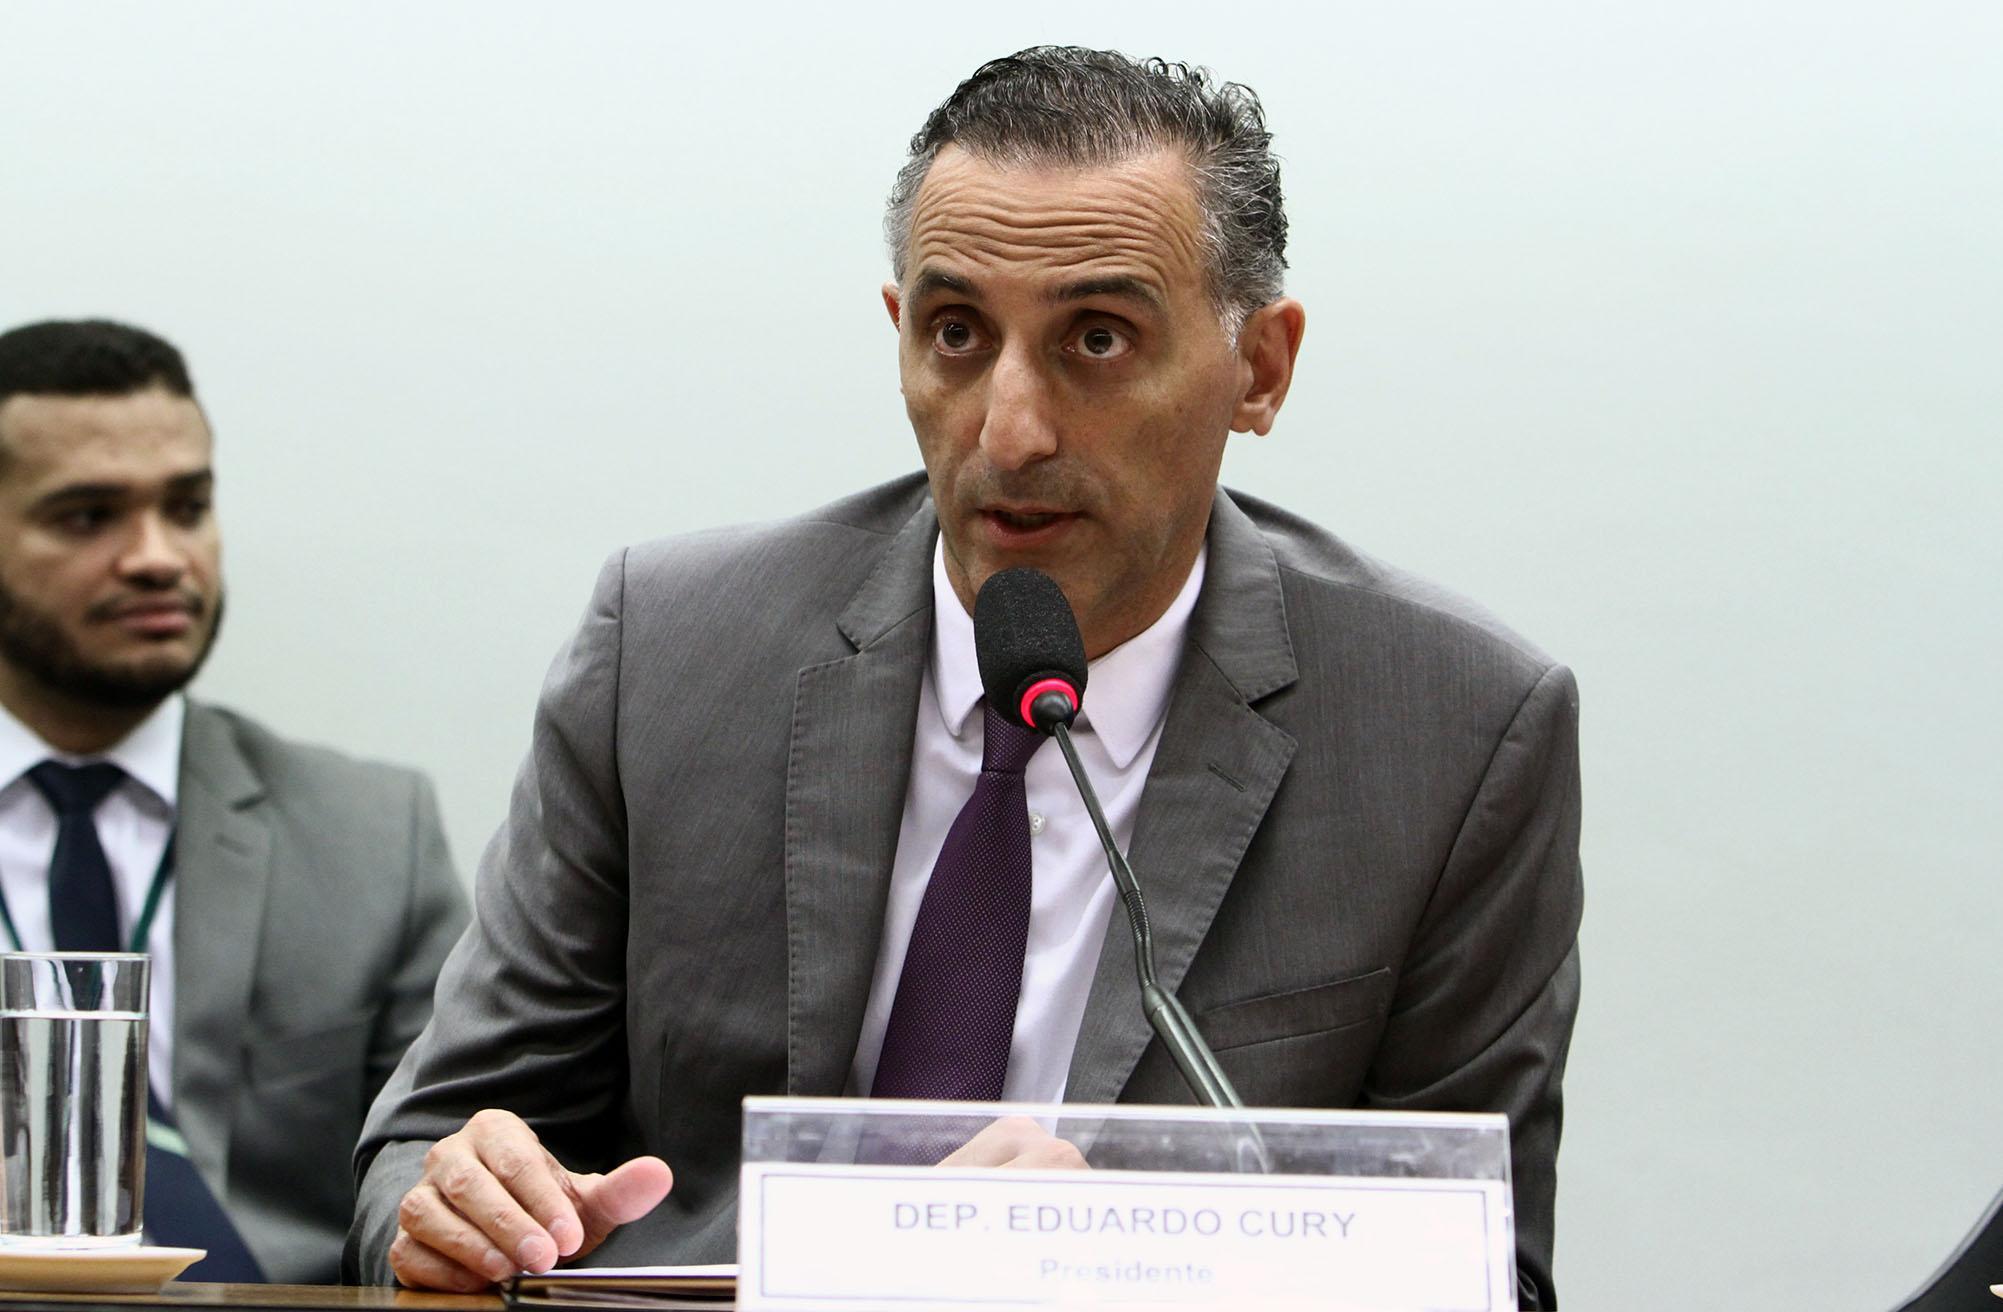 Audiência Pública. Dep. Eduardo Cury (PSDB - SP)